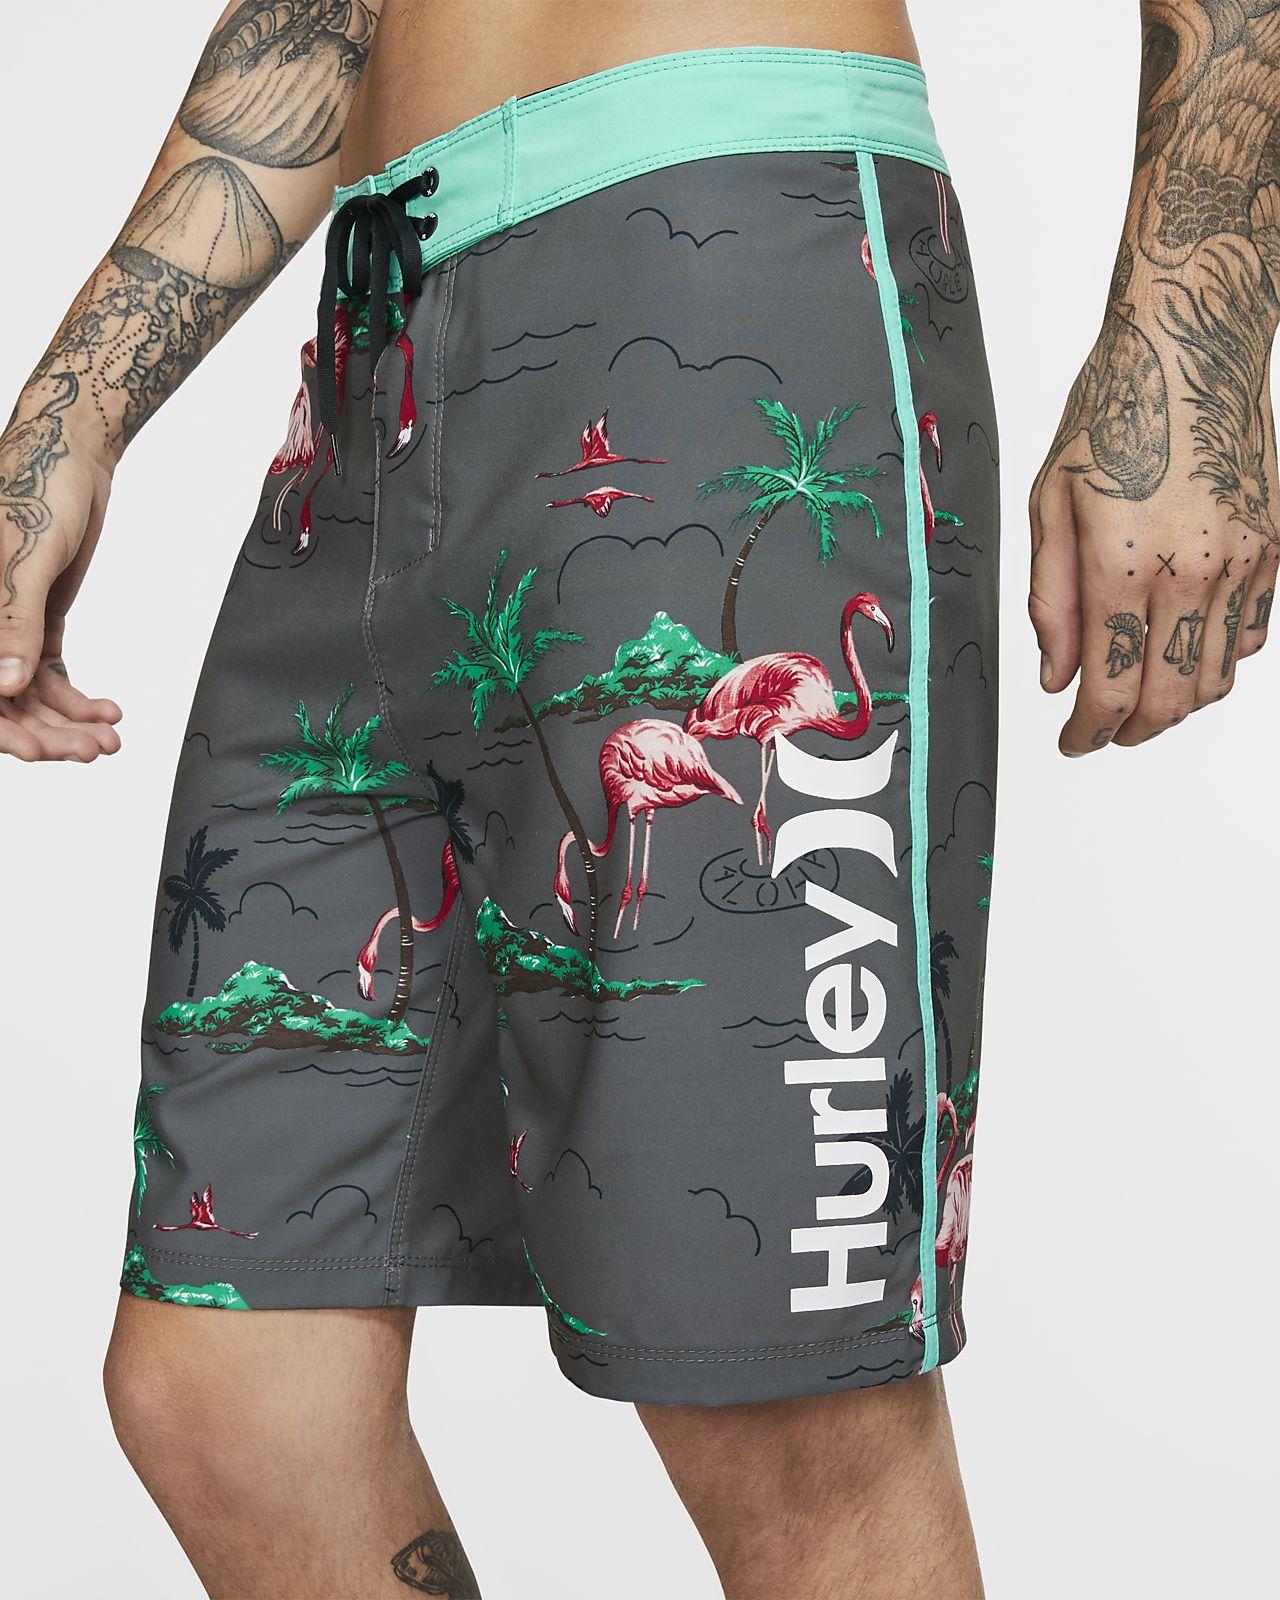 Calções de banho de 51 cm Hurley Flamingo para homem